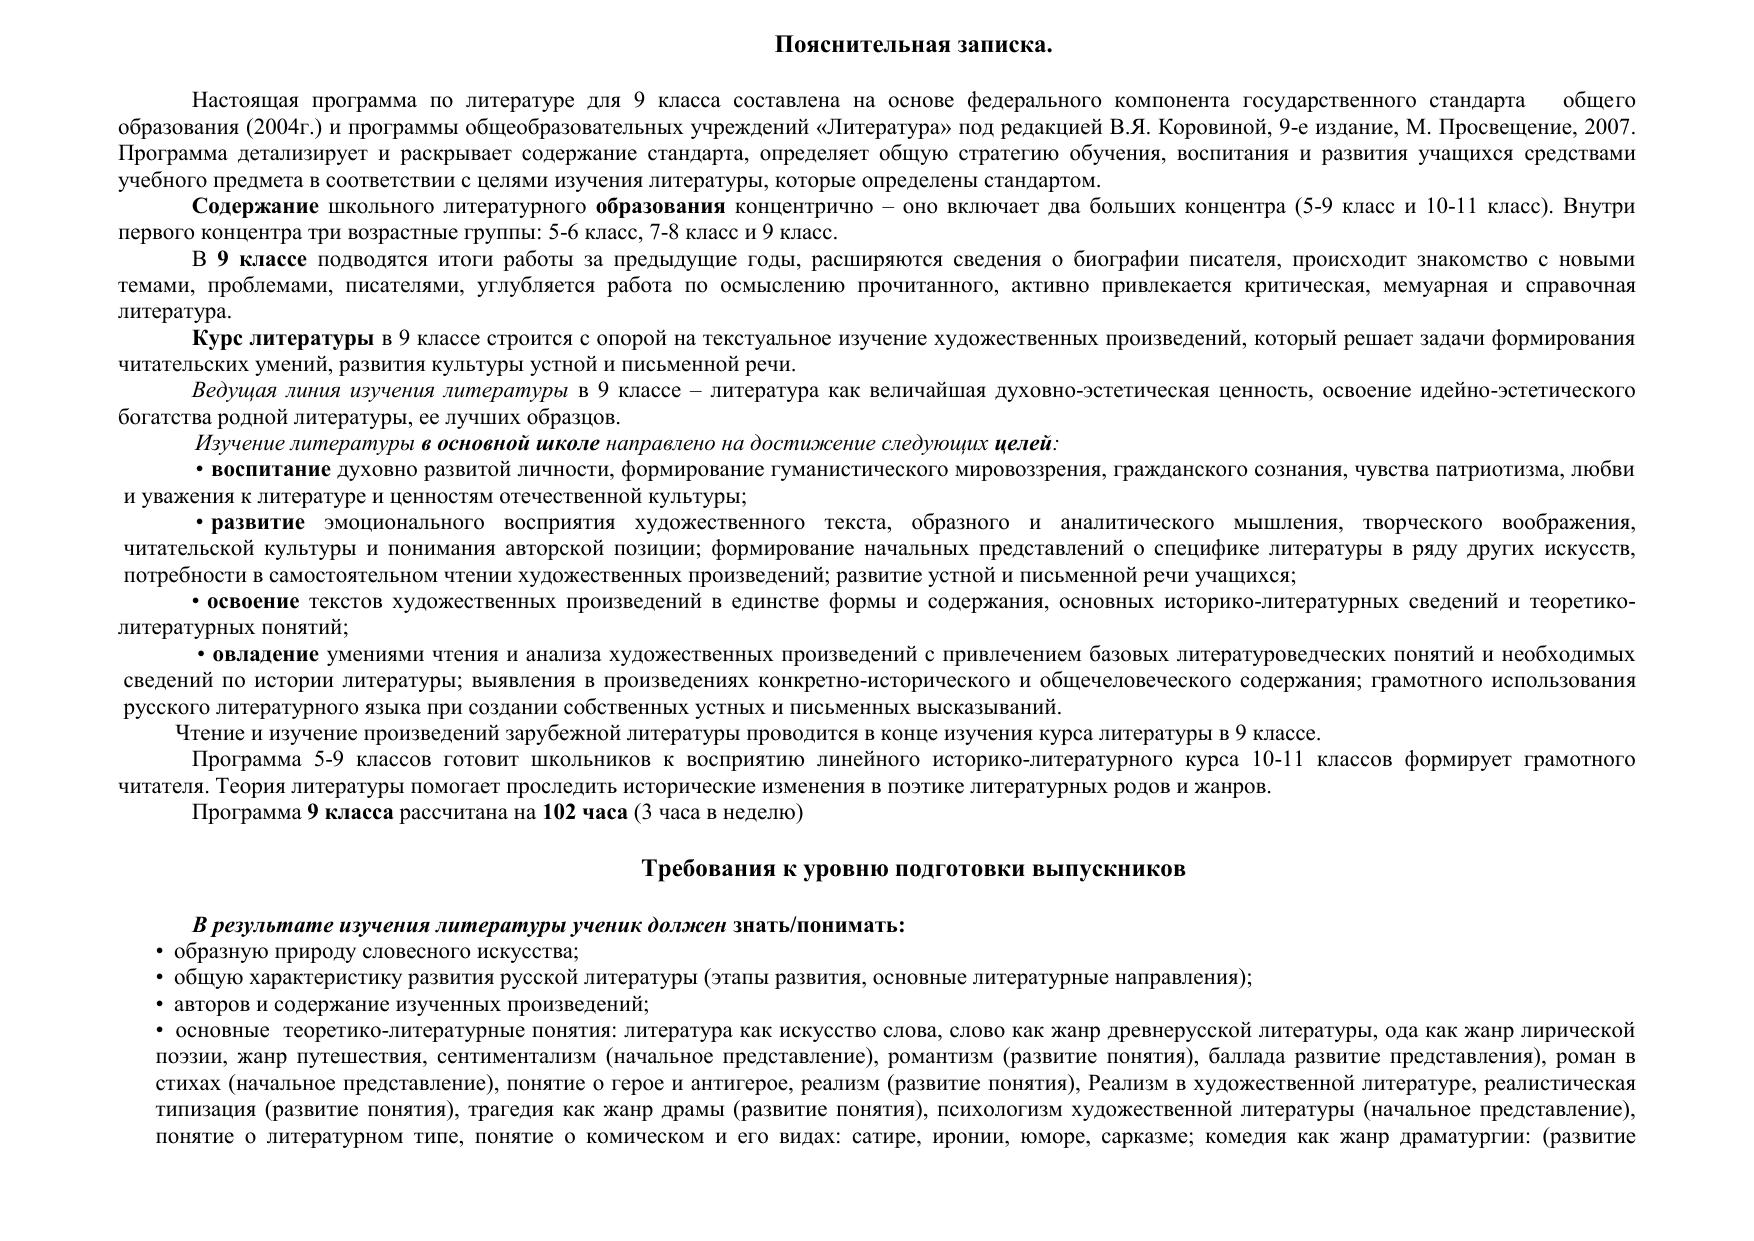 Изложение 9 класса грибоедовская москва